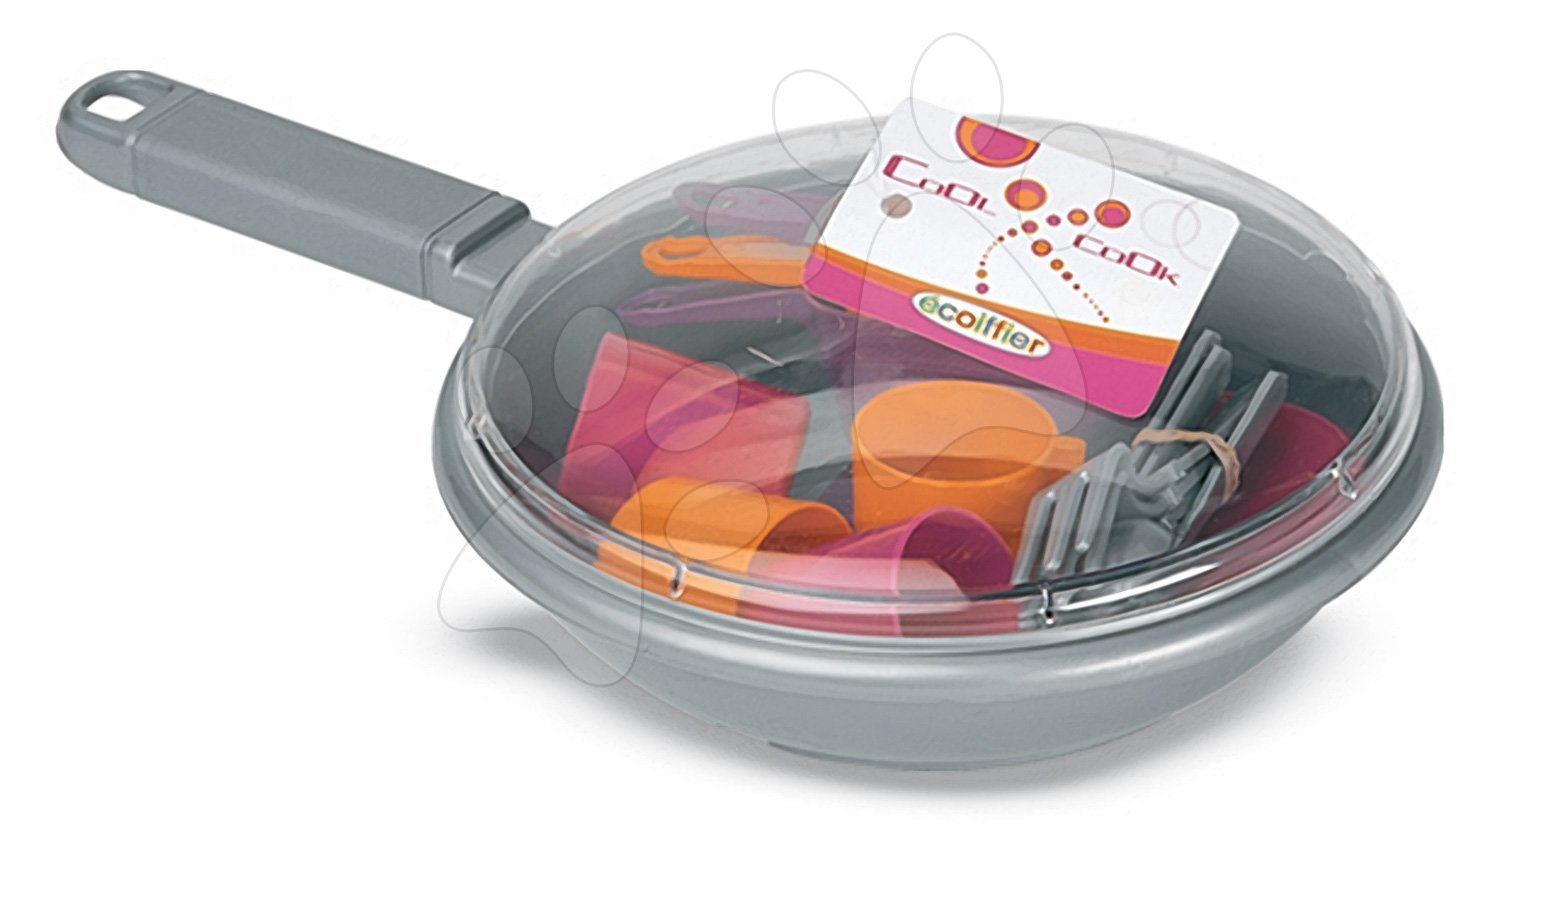 Pánev s nádobím Bubble Cook Écoiffier s 18 doplňky růžová od 18 měsíců